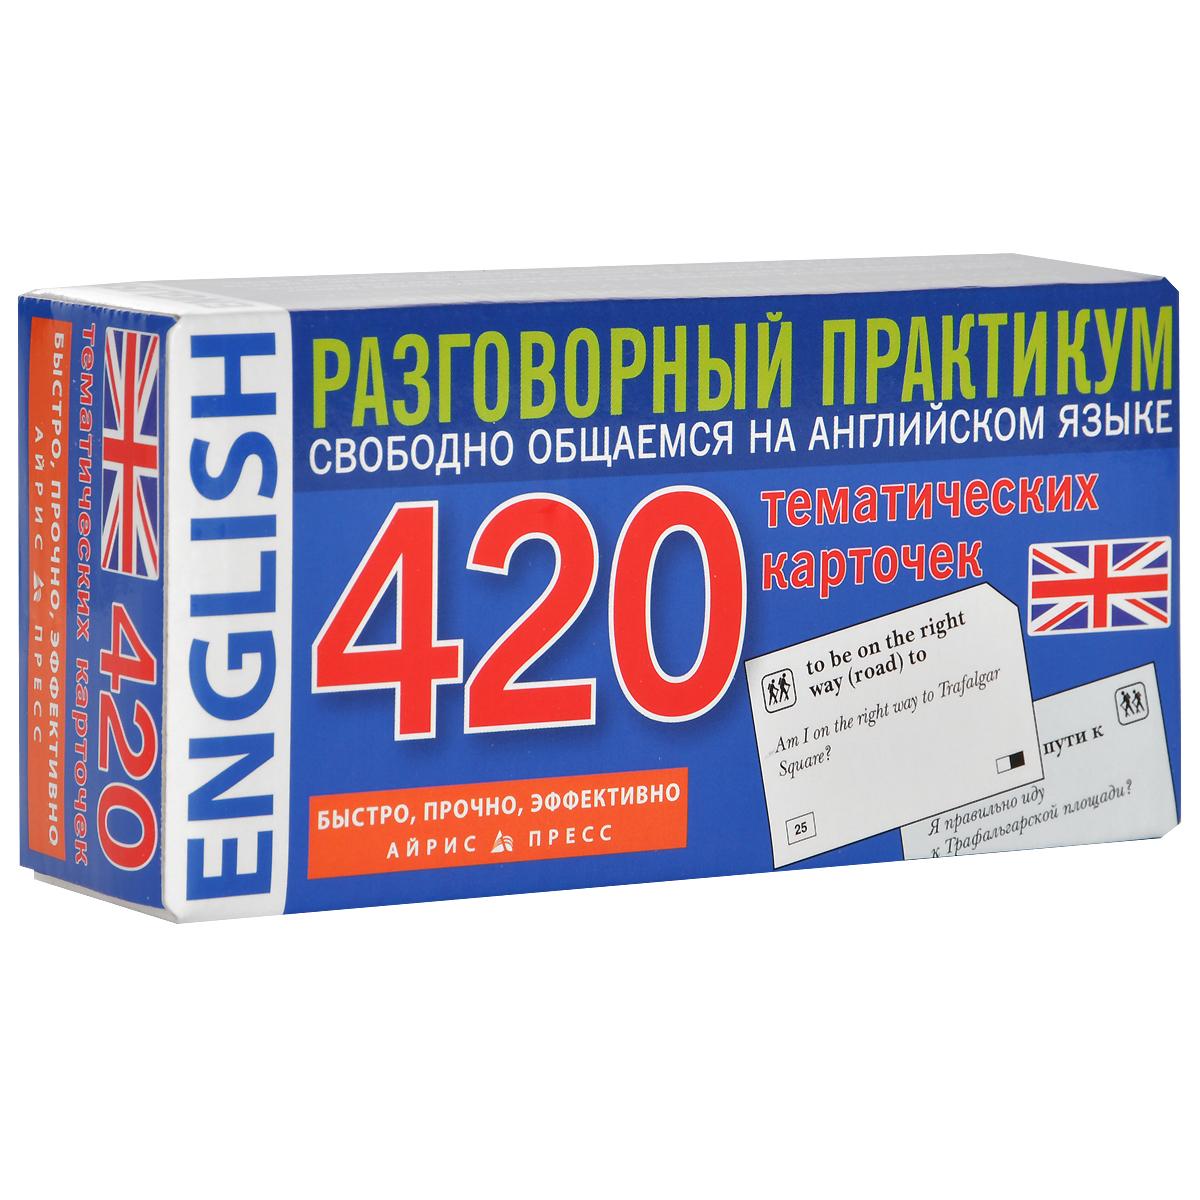 Английский язык. Разговорный практикум (набор из 420 карточек)12296407С помощью этих карточек вы быстро овладеете наиболее употребительными английскими словами и выражениями. Перед тем как отправиться в ресторан, в отель, за покупками, пролистайте карточки по интересующей вас теме, и вы почувствуете себя намного увереннее. Мы рекомендуем учить слова двумя способами. Сначала посмотрите на английскую сторону карточки, прочитайте слово и попытайтесь вспомнить его значение. Если вспомнить перевод не удаётся, обратитесь к примеру употребления. Или посмотрите на обратную сторону карточки и отложите её в стопочку для повторения. Когда вы добьётесь того, что можете вспомнить перевод всех английских слов, переверните стопку карточек и попробуйте перевести русские слова и выражения на английский язык. Желаем успехов!